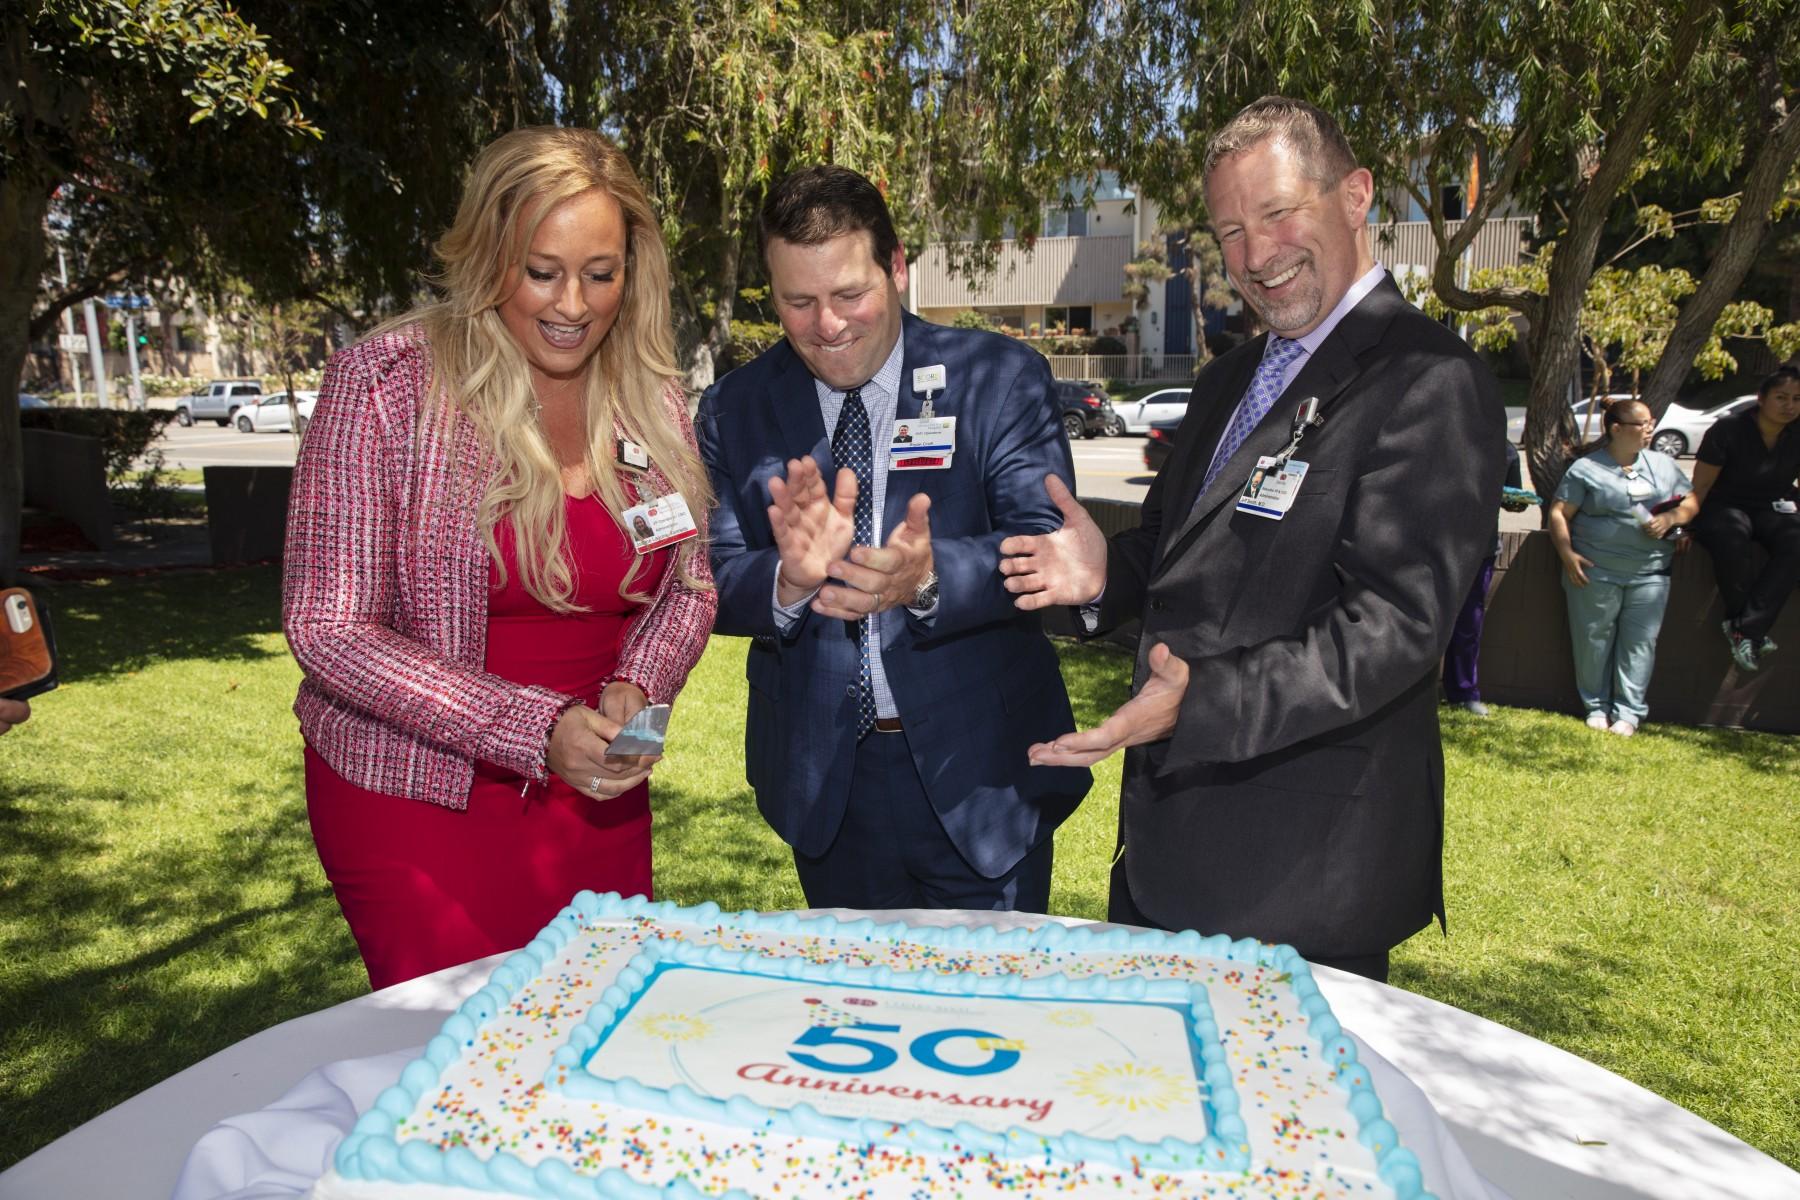 Cedars Sinai Marina del Rey Hospital Celebrates 50th Anniversary